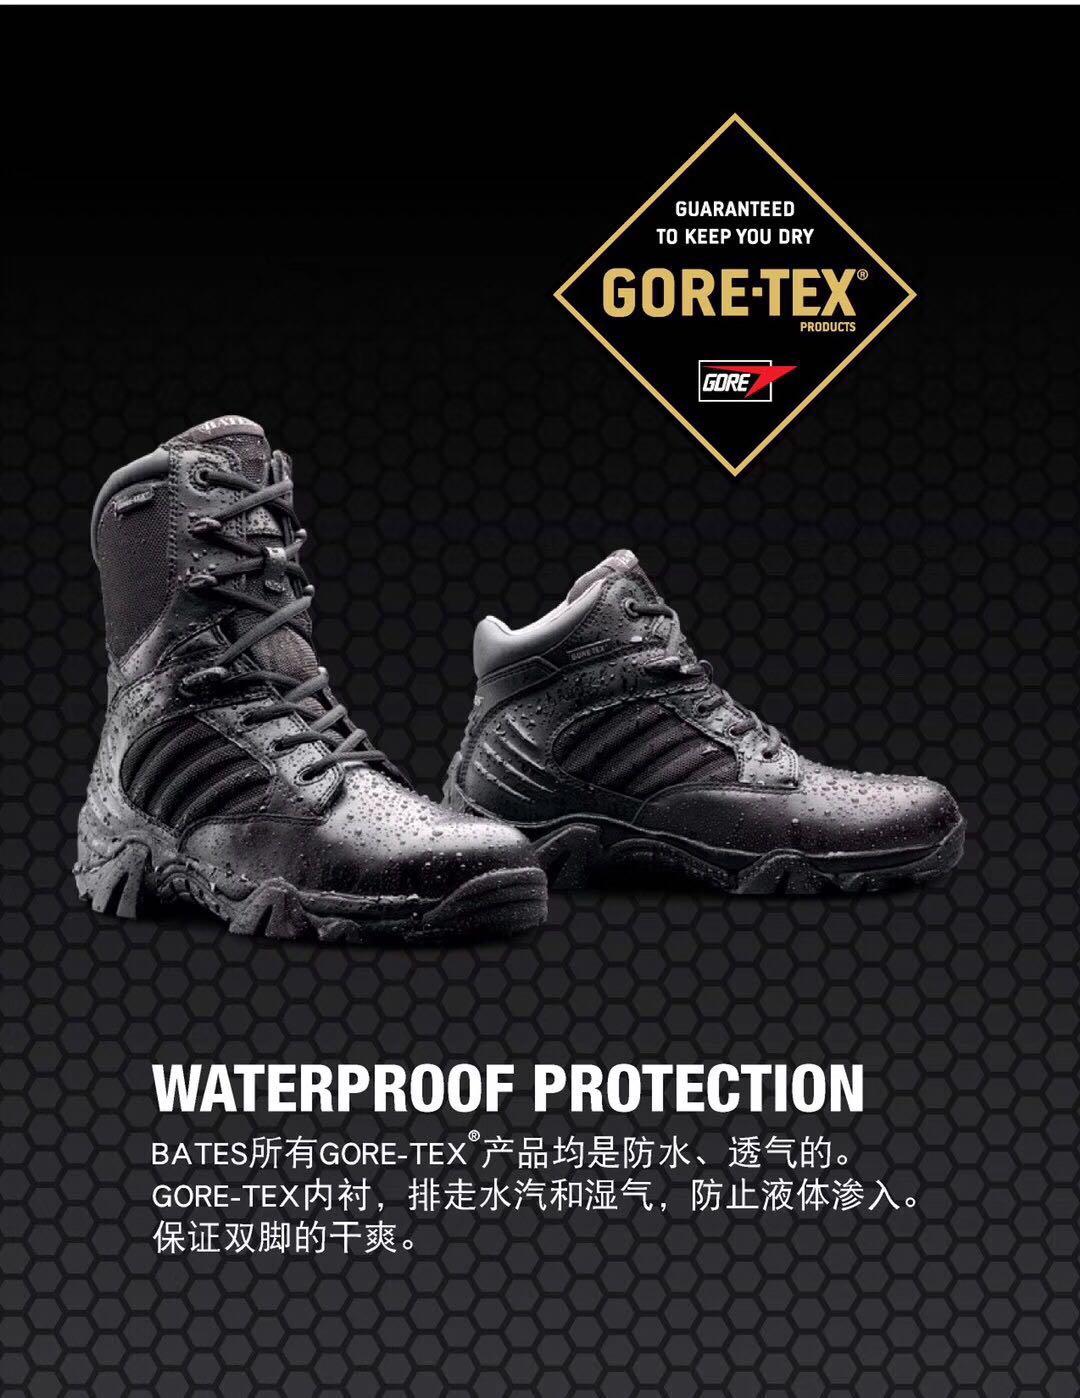 贝特斯防水新雪丽保暖冬季战术靴|特警反恐装备-西安优盾警用装备有限公司